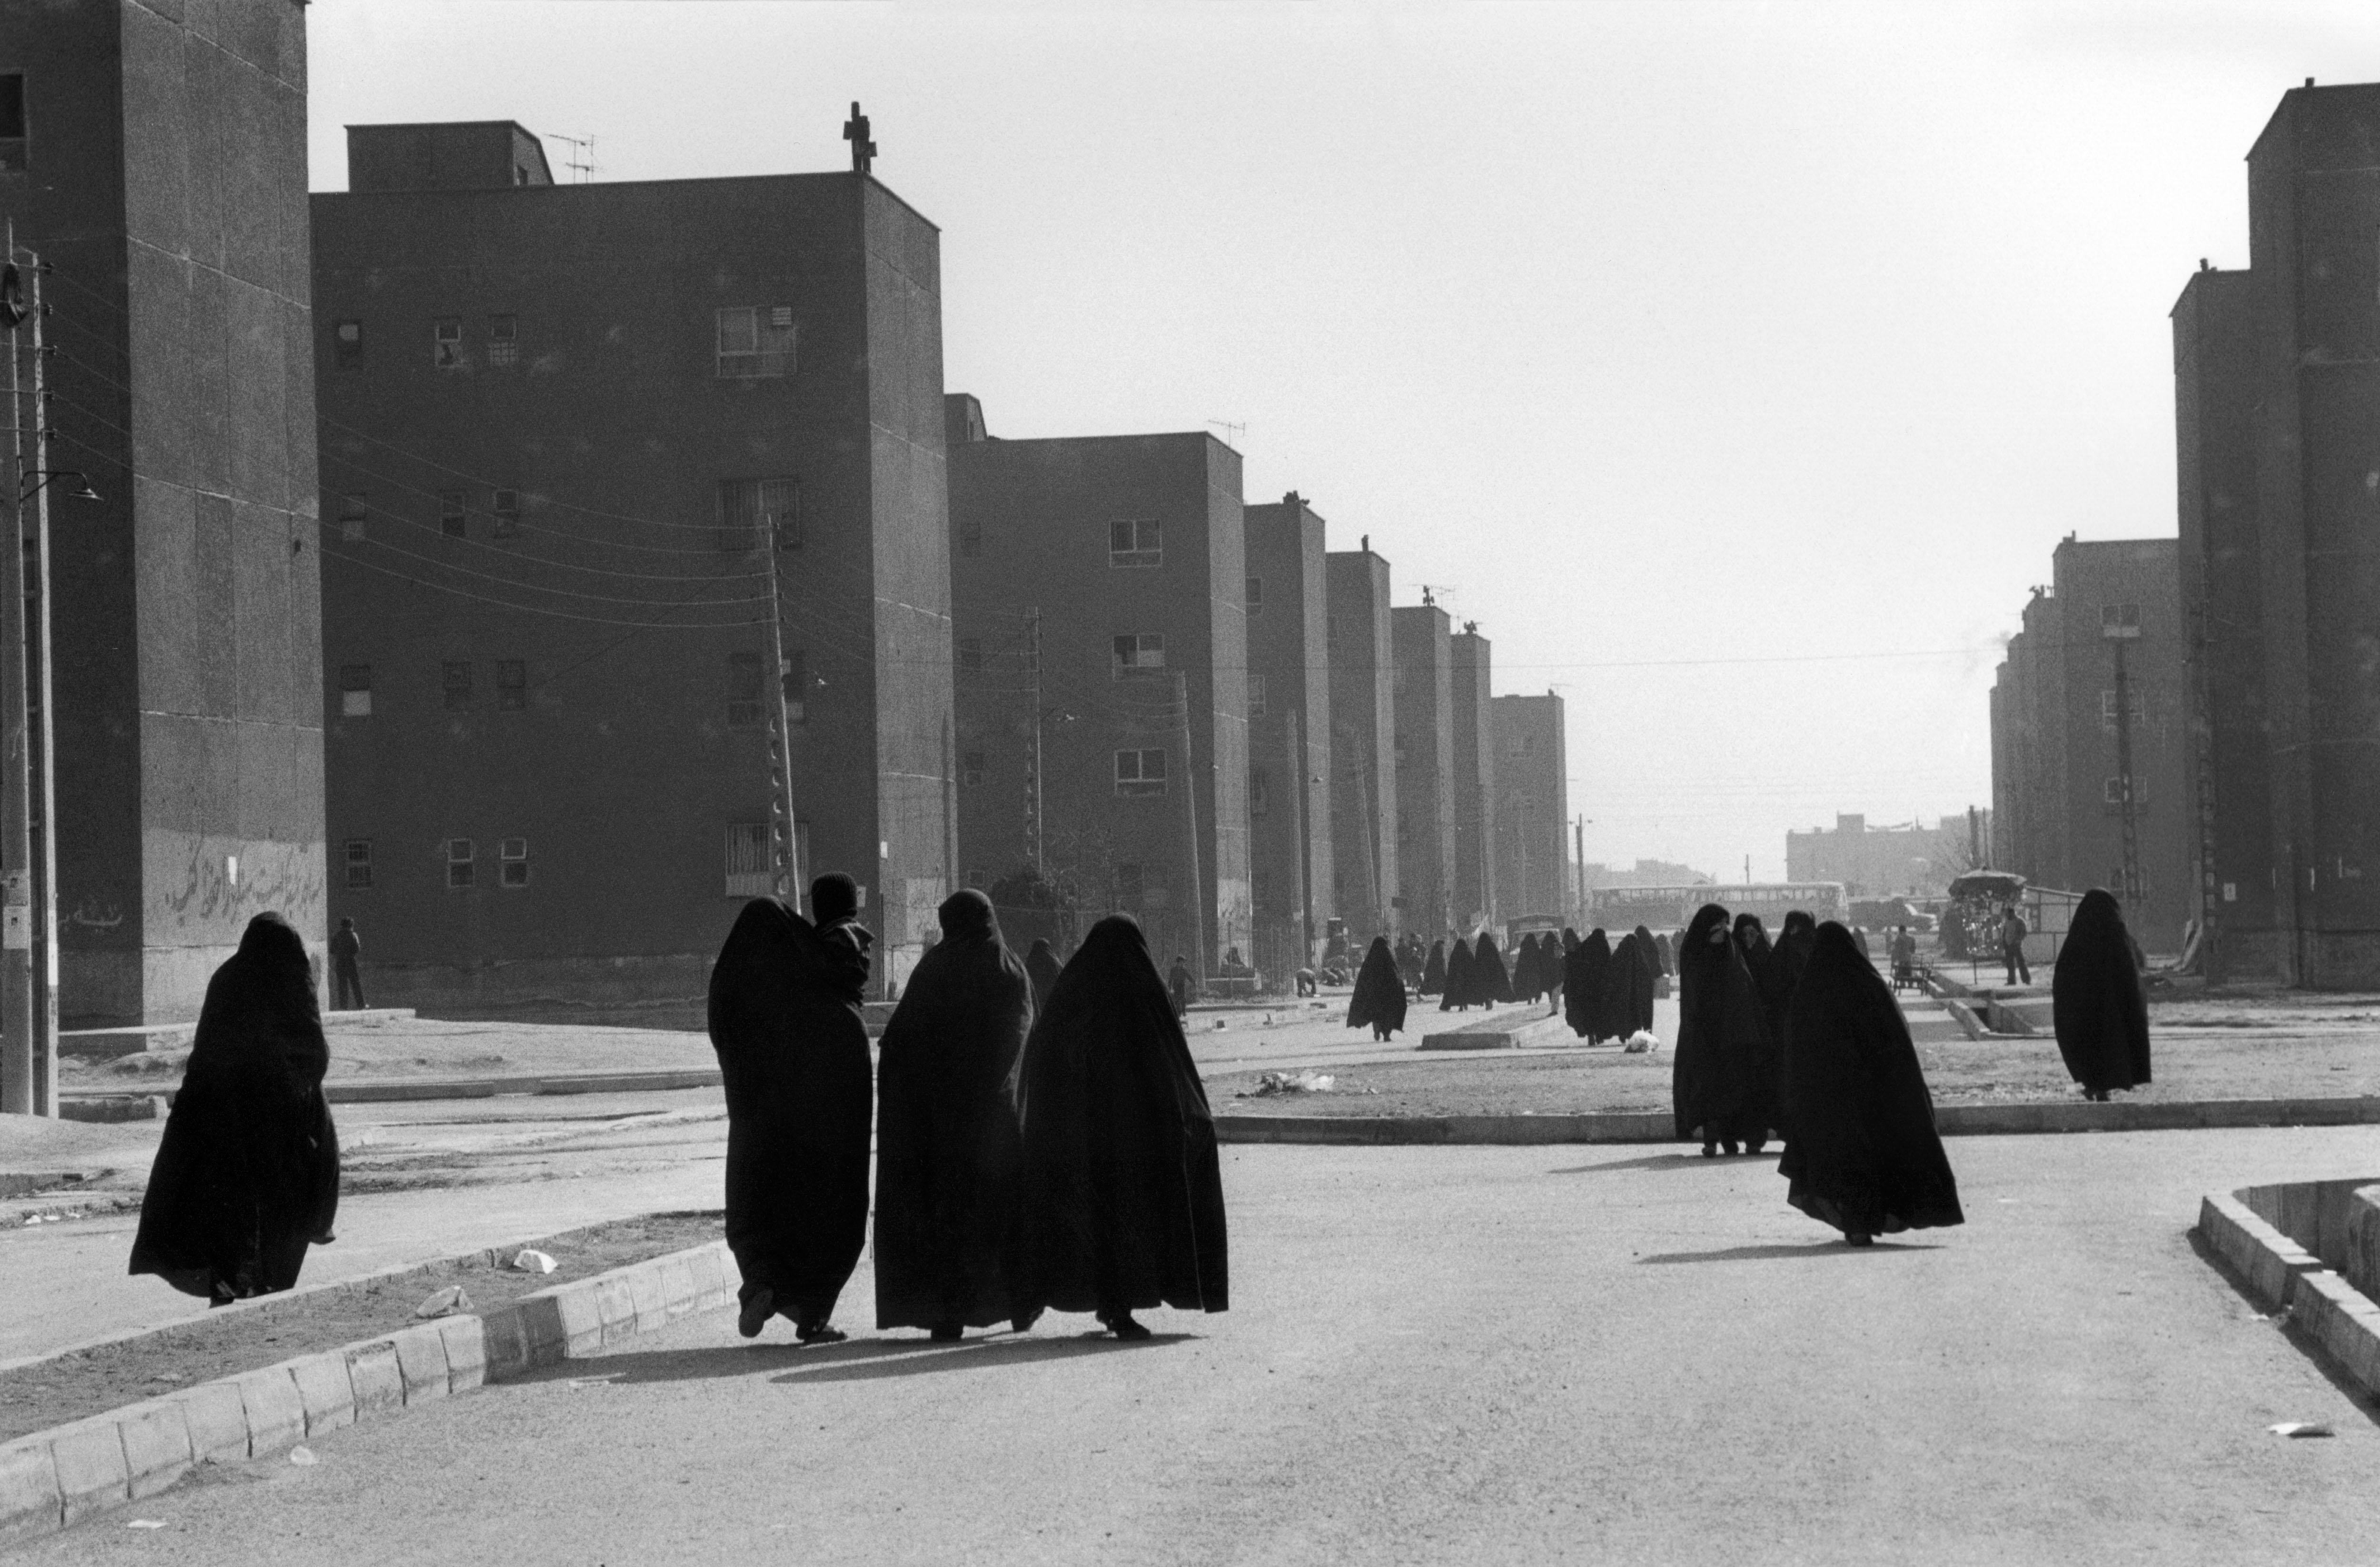 Téhéran, radiographie politique d'une ville en mutation